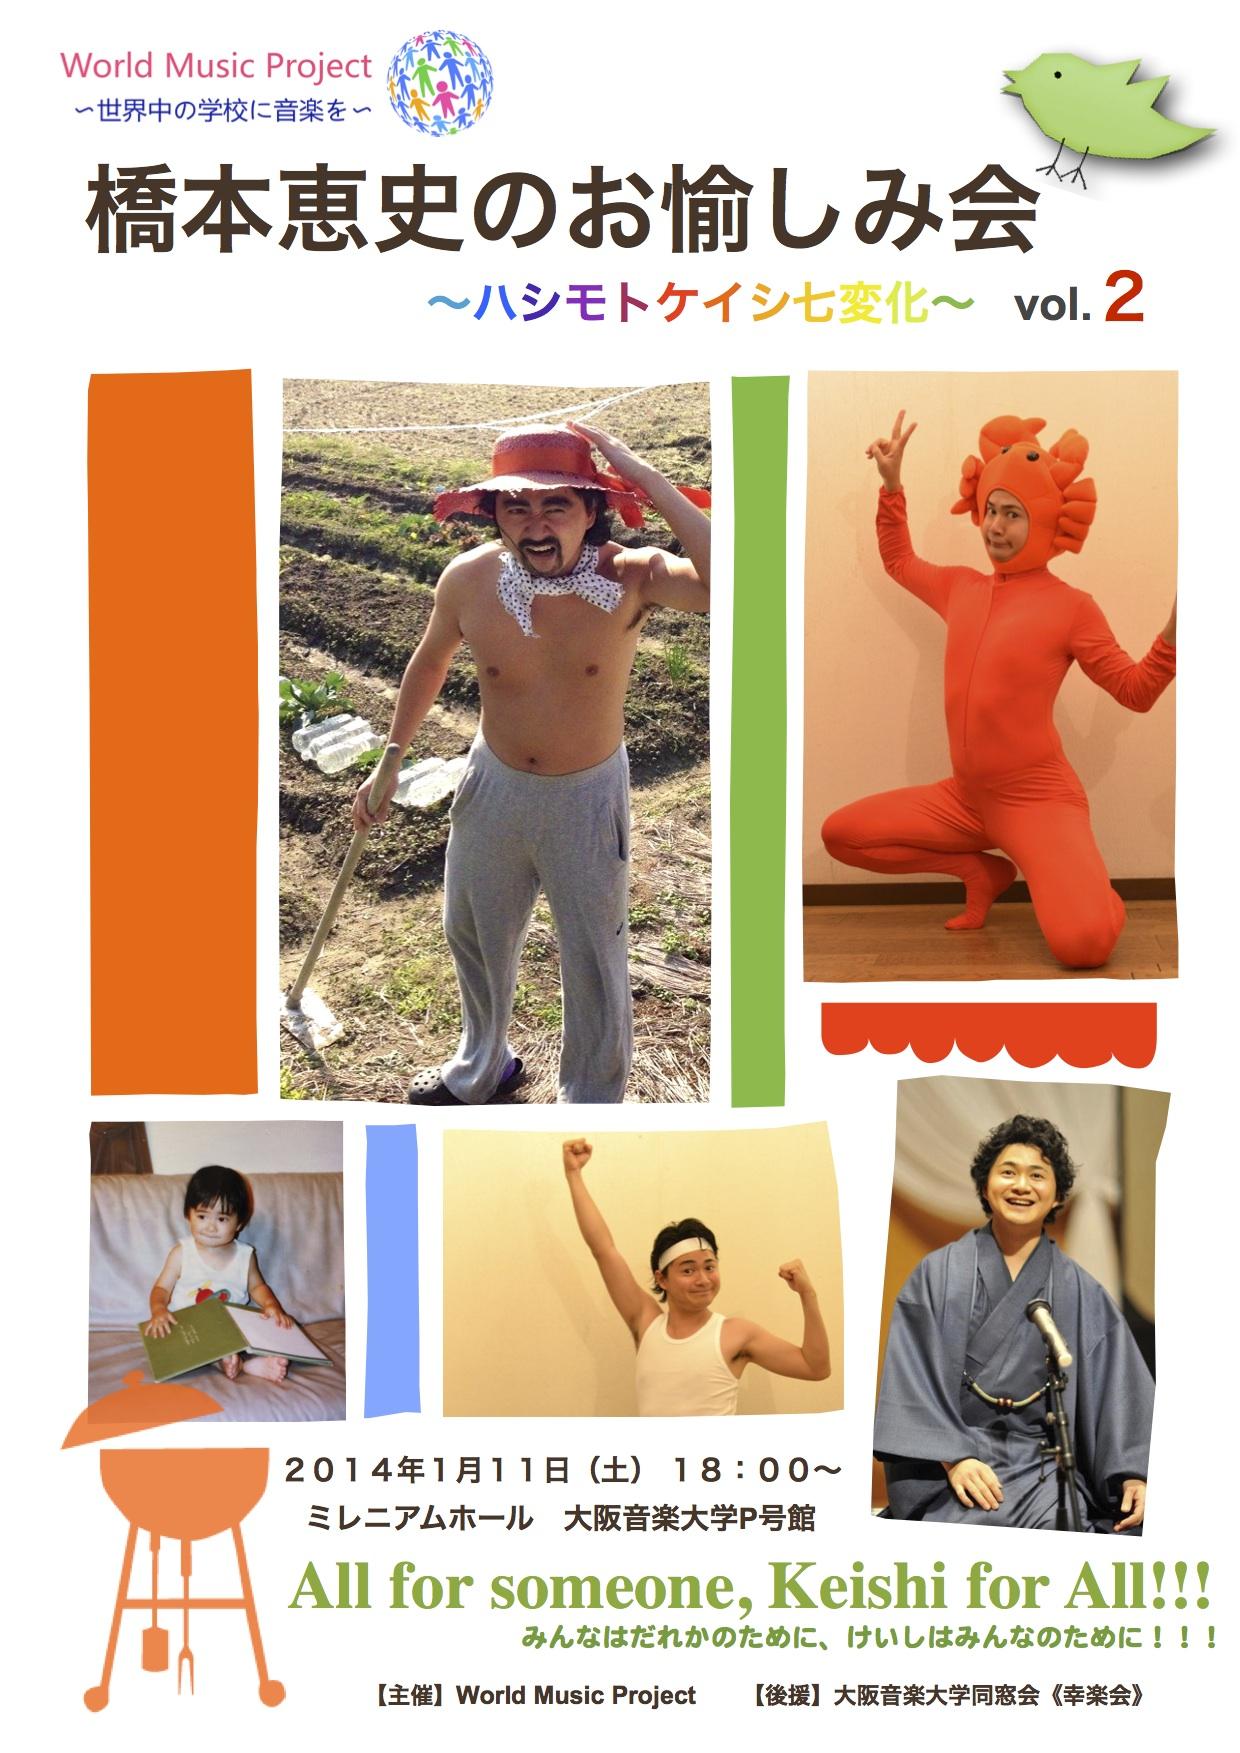 橋本恵史のお愉しみ回vol.2